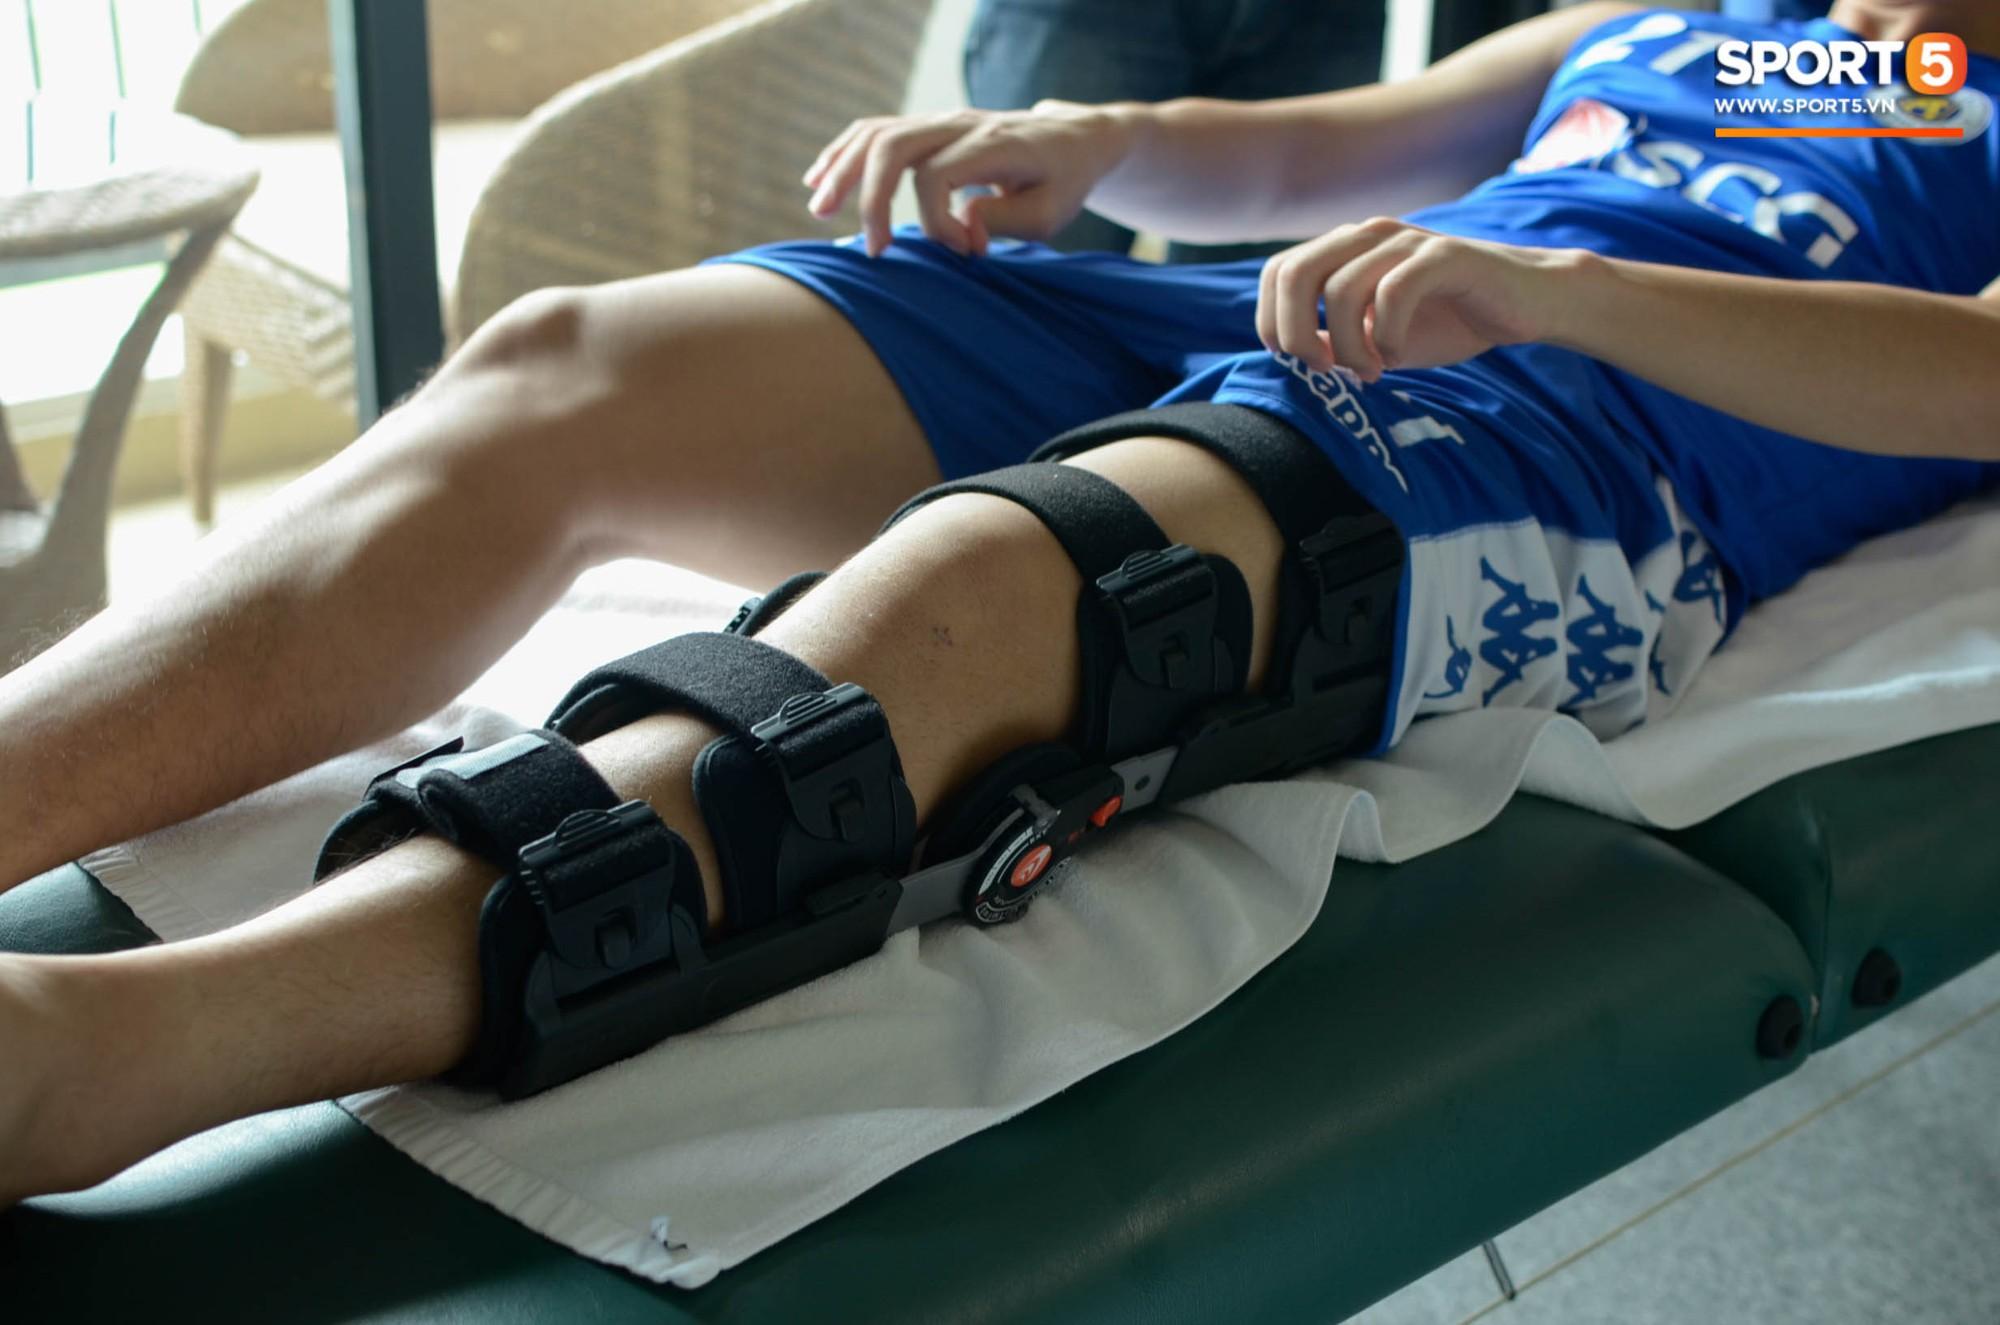 Đình Trọng kiên trì tập hồi phục, hy vọng mong manh kịp bình phục dự SEA Games 30-2